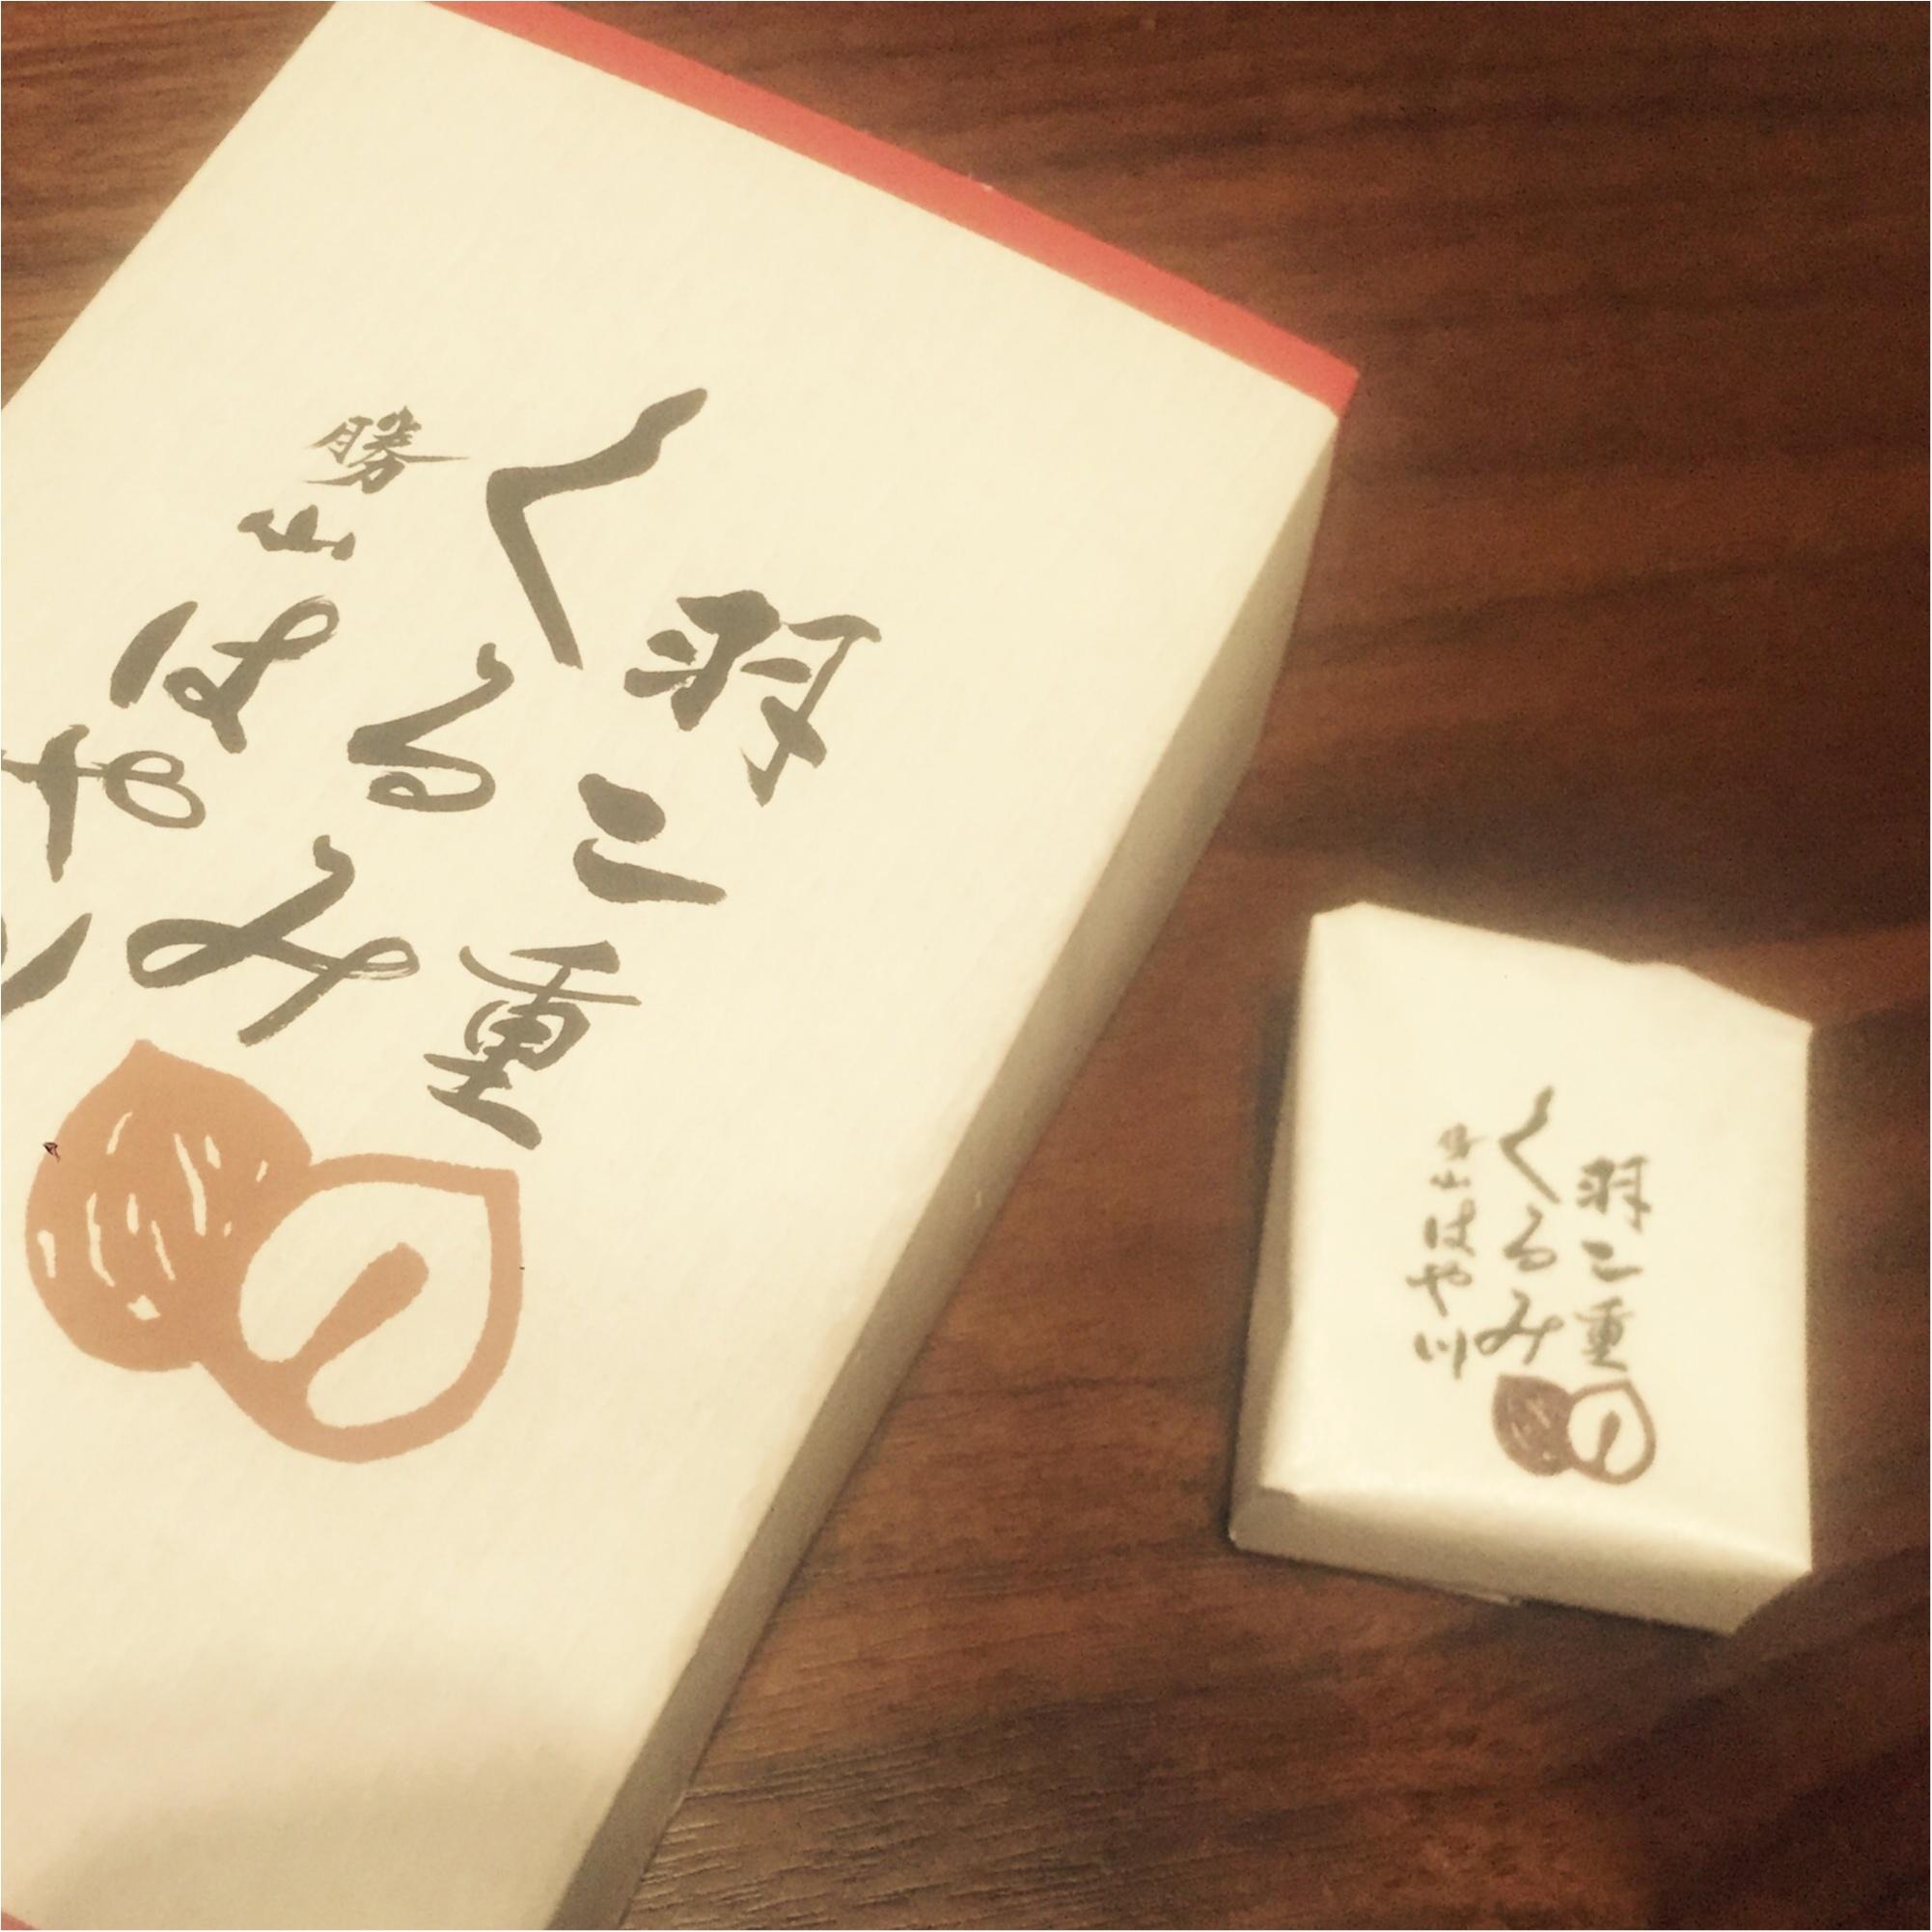 福井の銘菓♡羽二重餅が美味しい!おすすめは、くるみの風味がアクセントのはや川♡_2